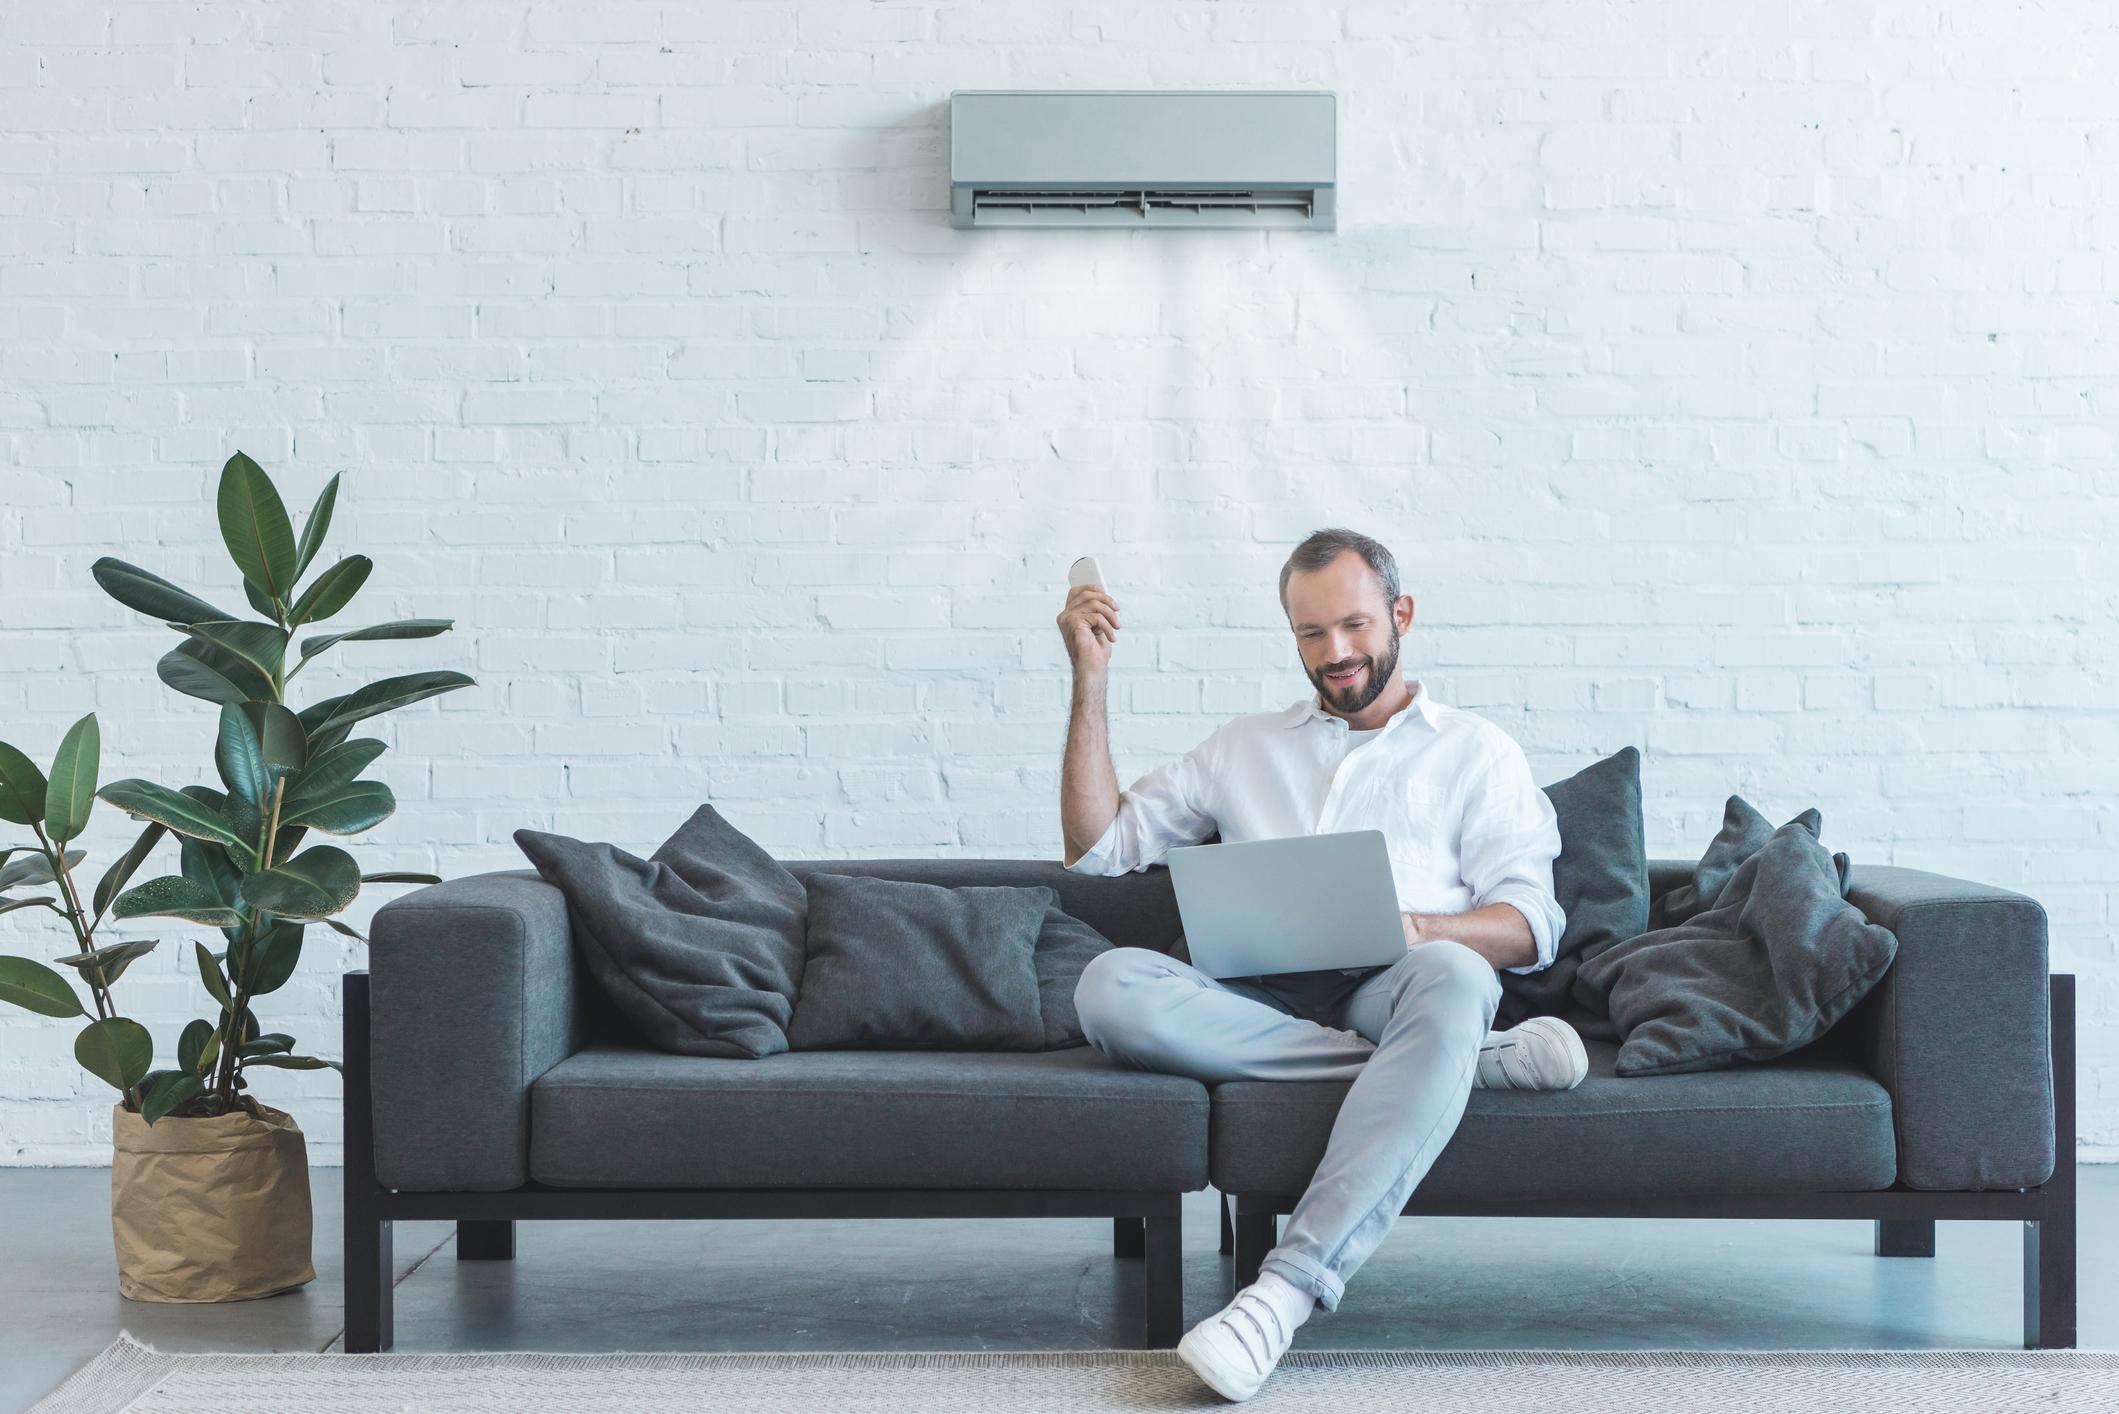 Los mejores aires acondicionados en relación calidad/precio que puedes comprar